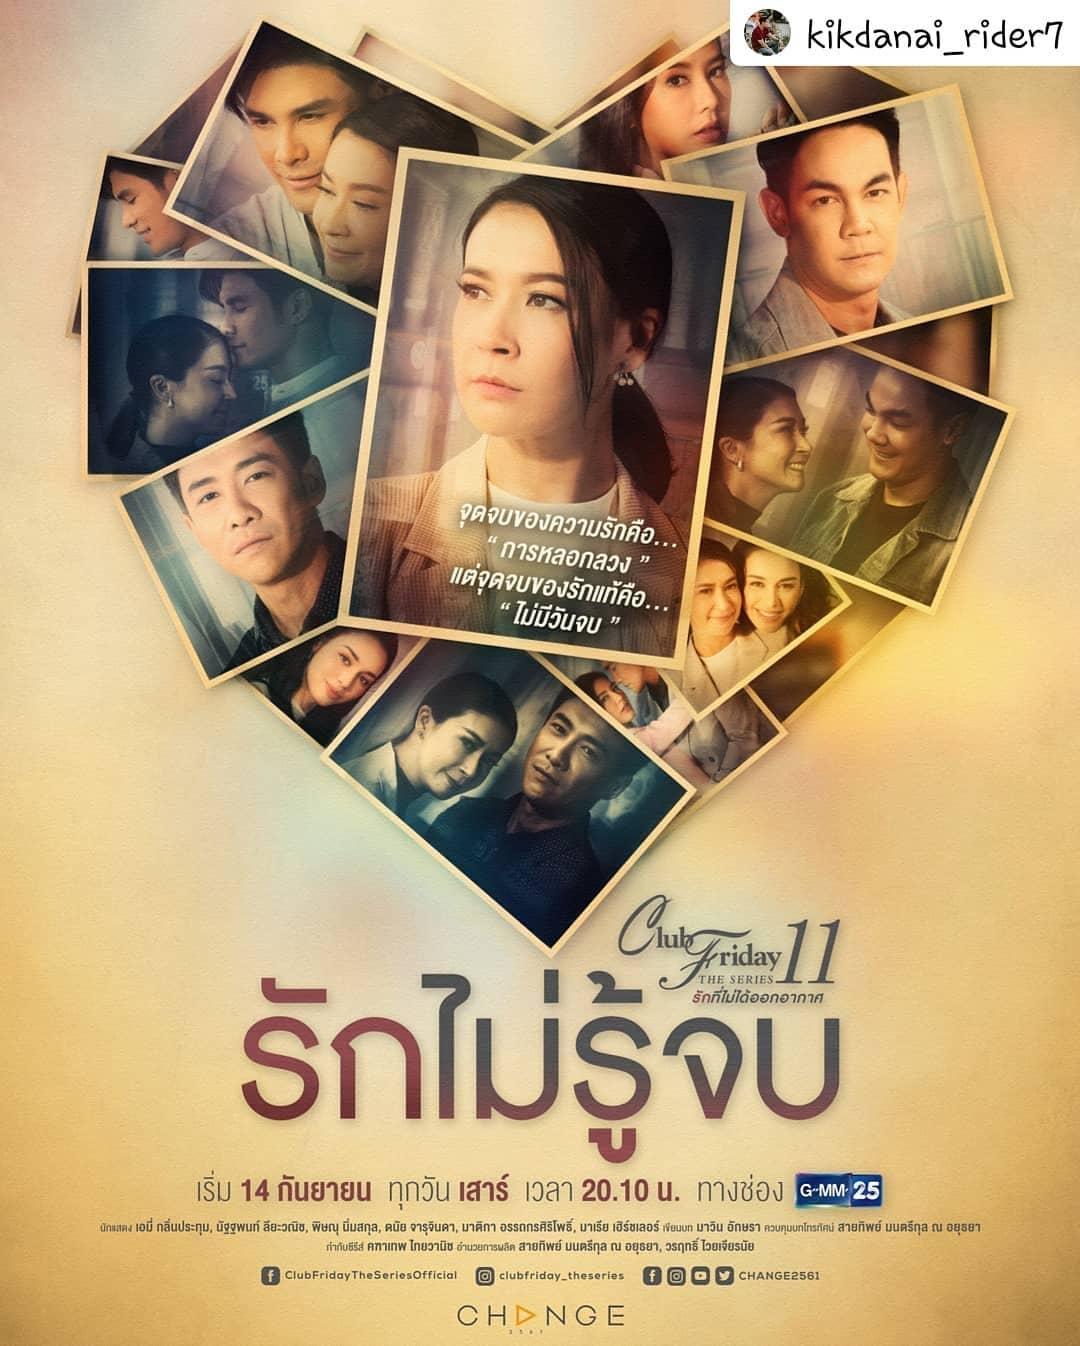 Phim yêu mãnh liệt Thái Lan 2019